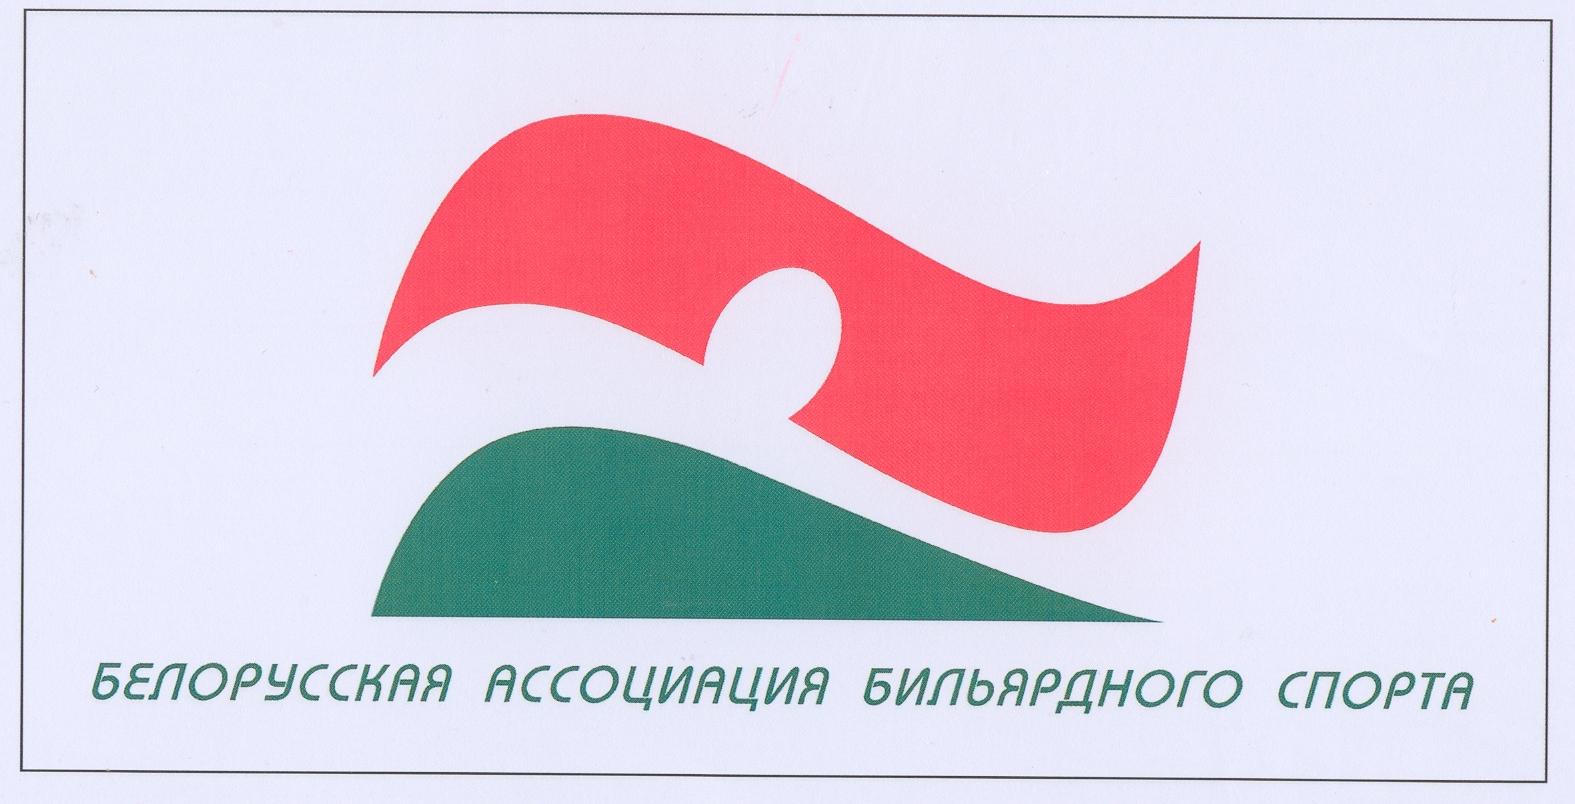 В-1374 Бильярдный спорт_Ф